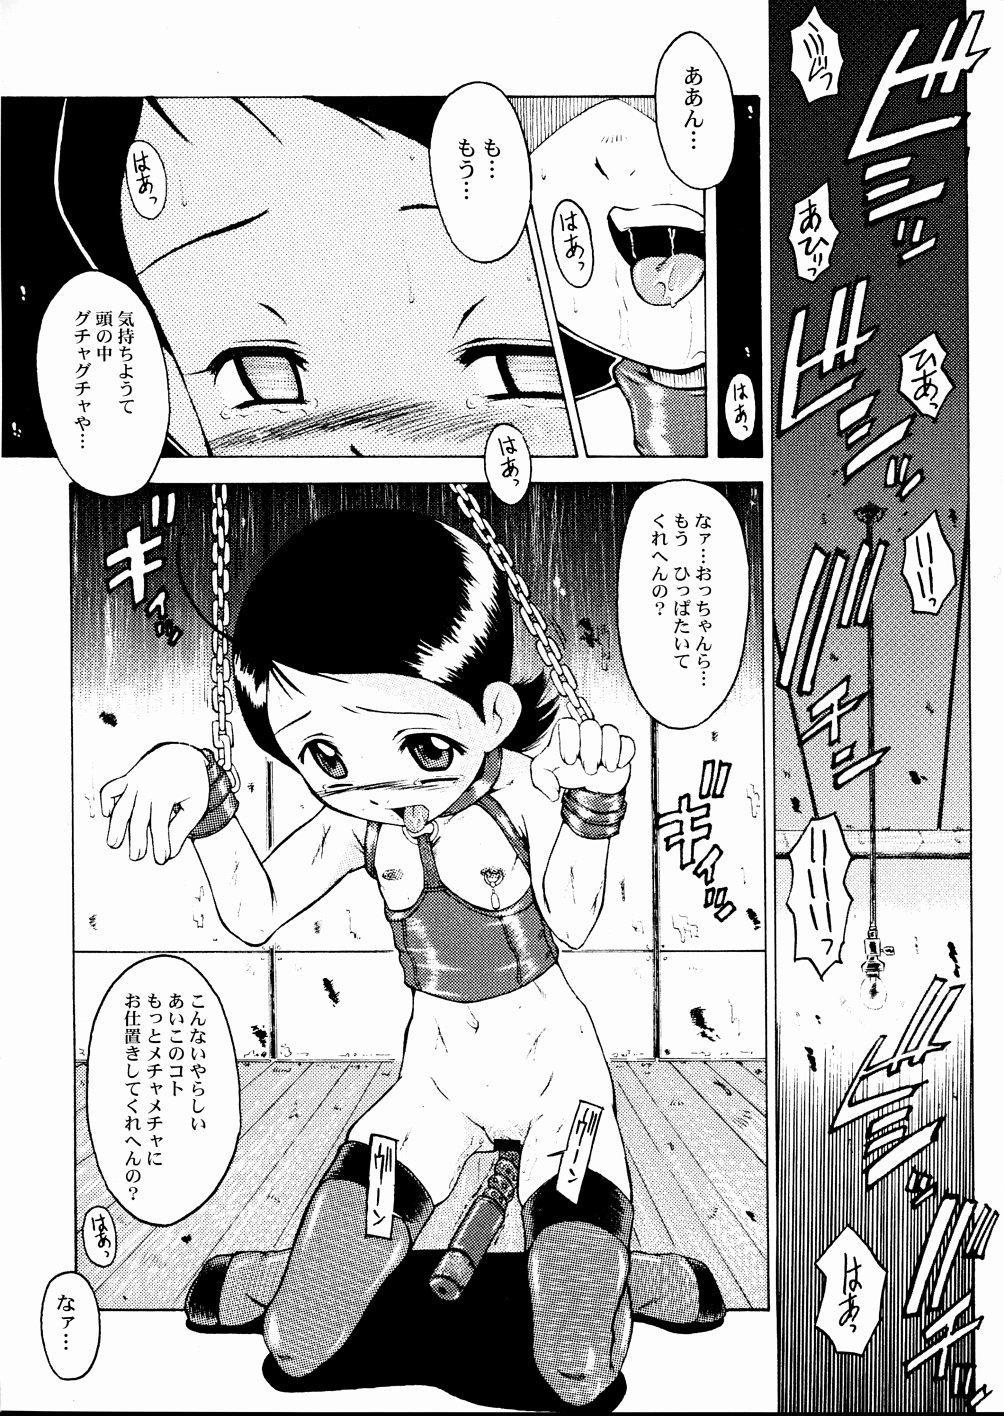 Urabambi Vol. 20 - Adesugata Naniwa Musume 5